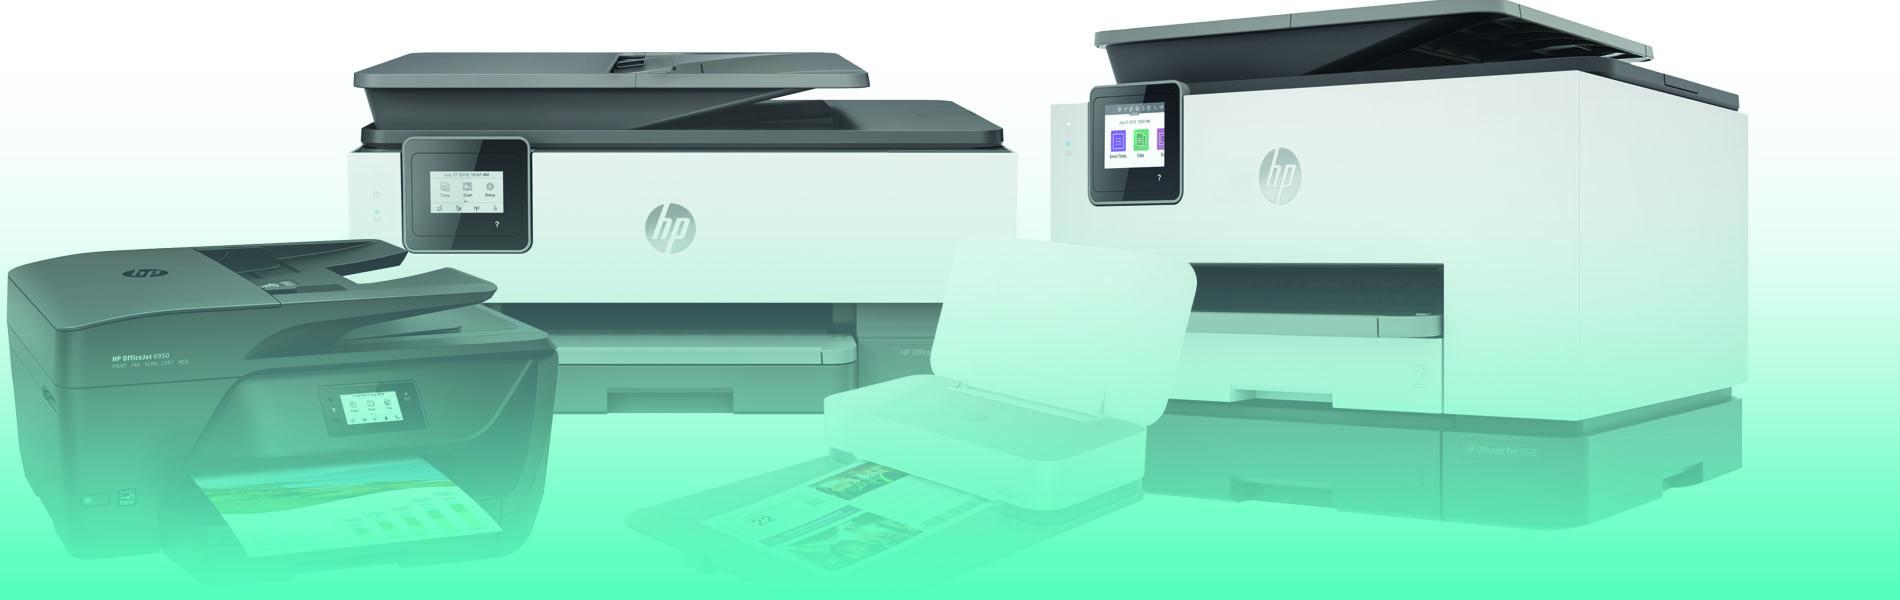 Nieuw printer nodig?